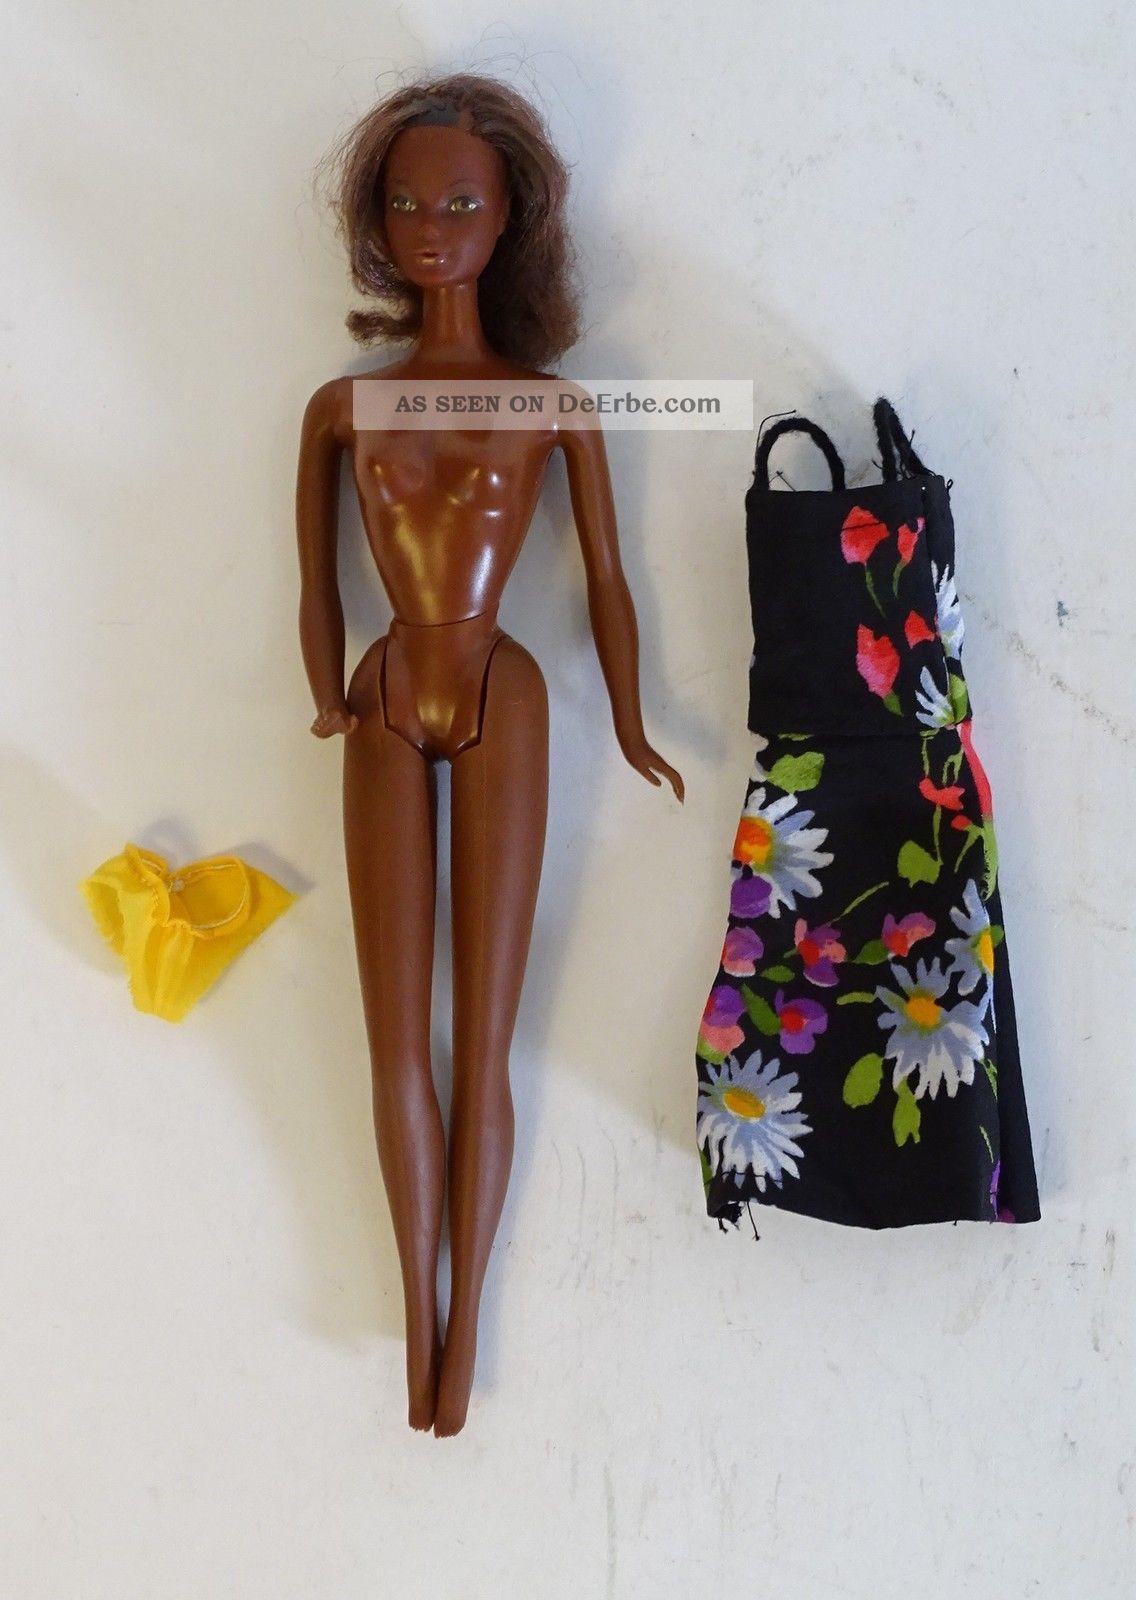 60er Jahre Barbie Puppe Rarität Mit Blumenkleid Und Gelbem Höschen Mattel 1966 Nostalgieware, nach 1970 Bild